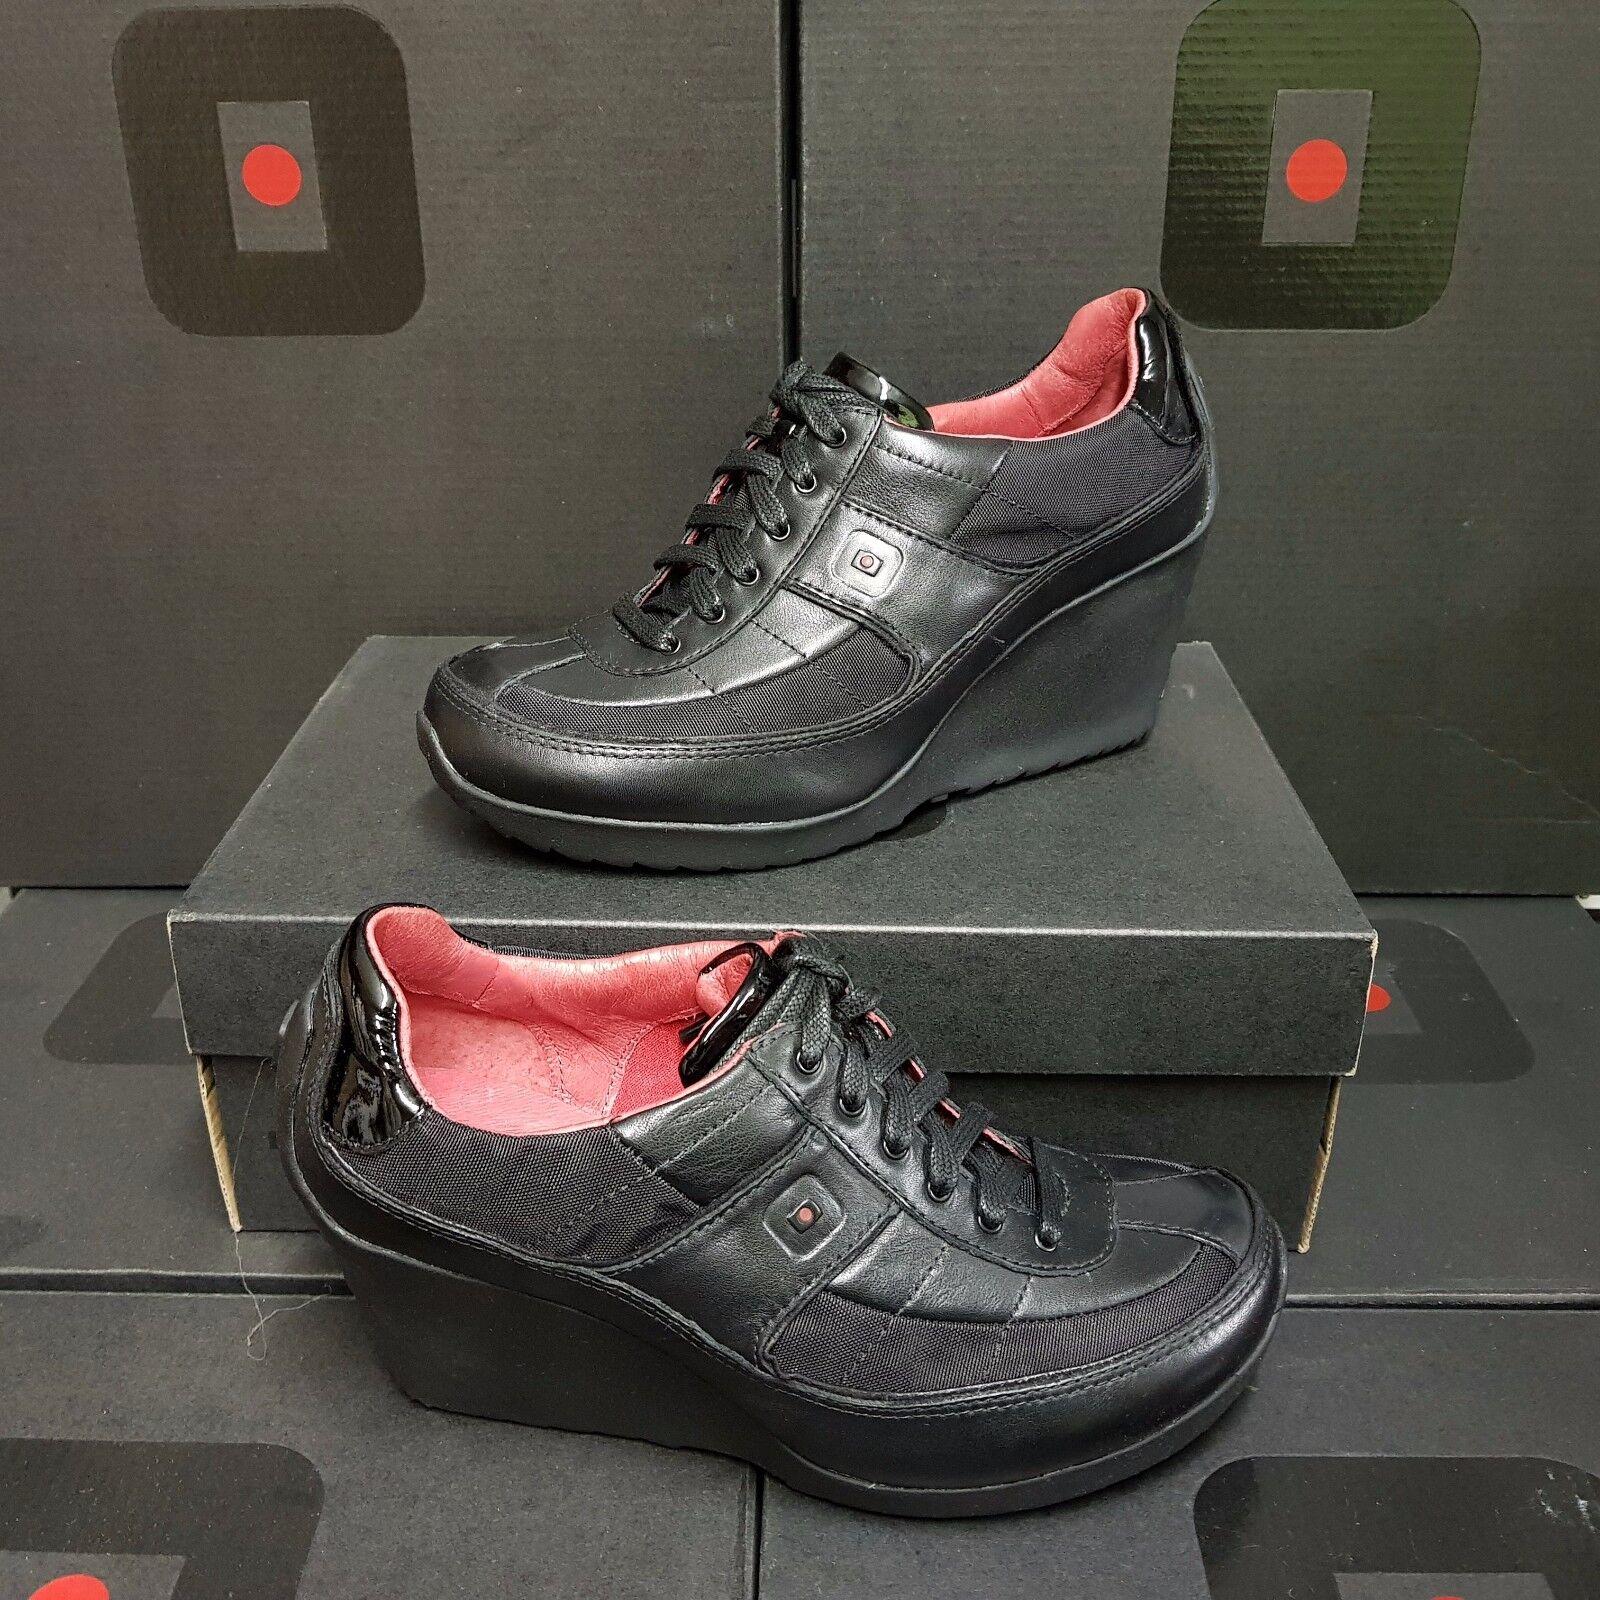 TSUBO Fadir Compensé Cuir Wohombres botas zapatos US 8     (pv )